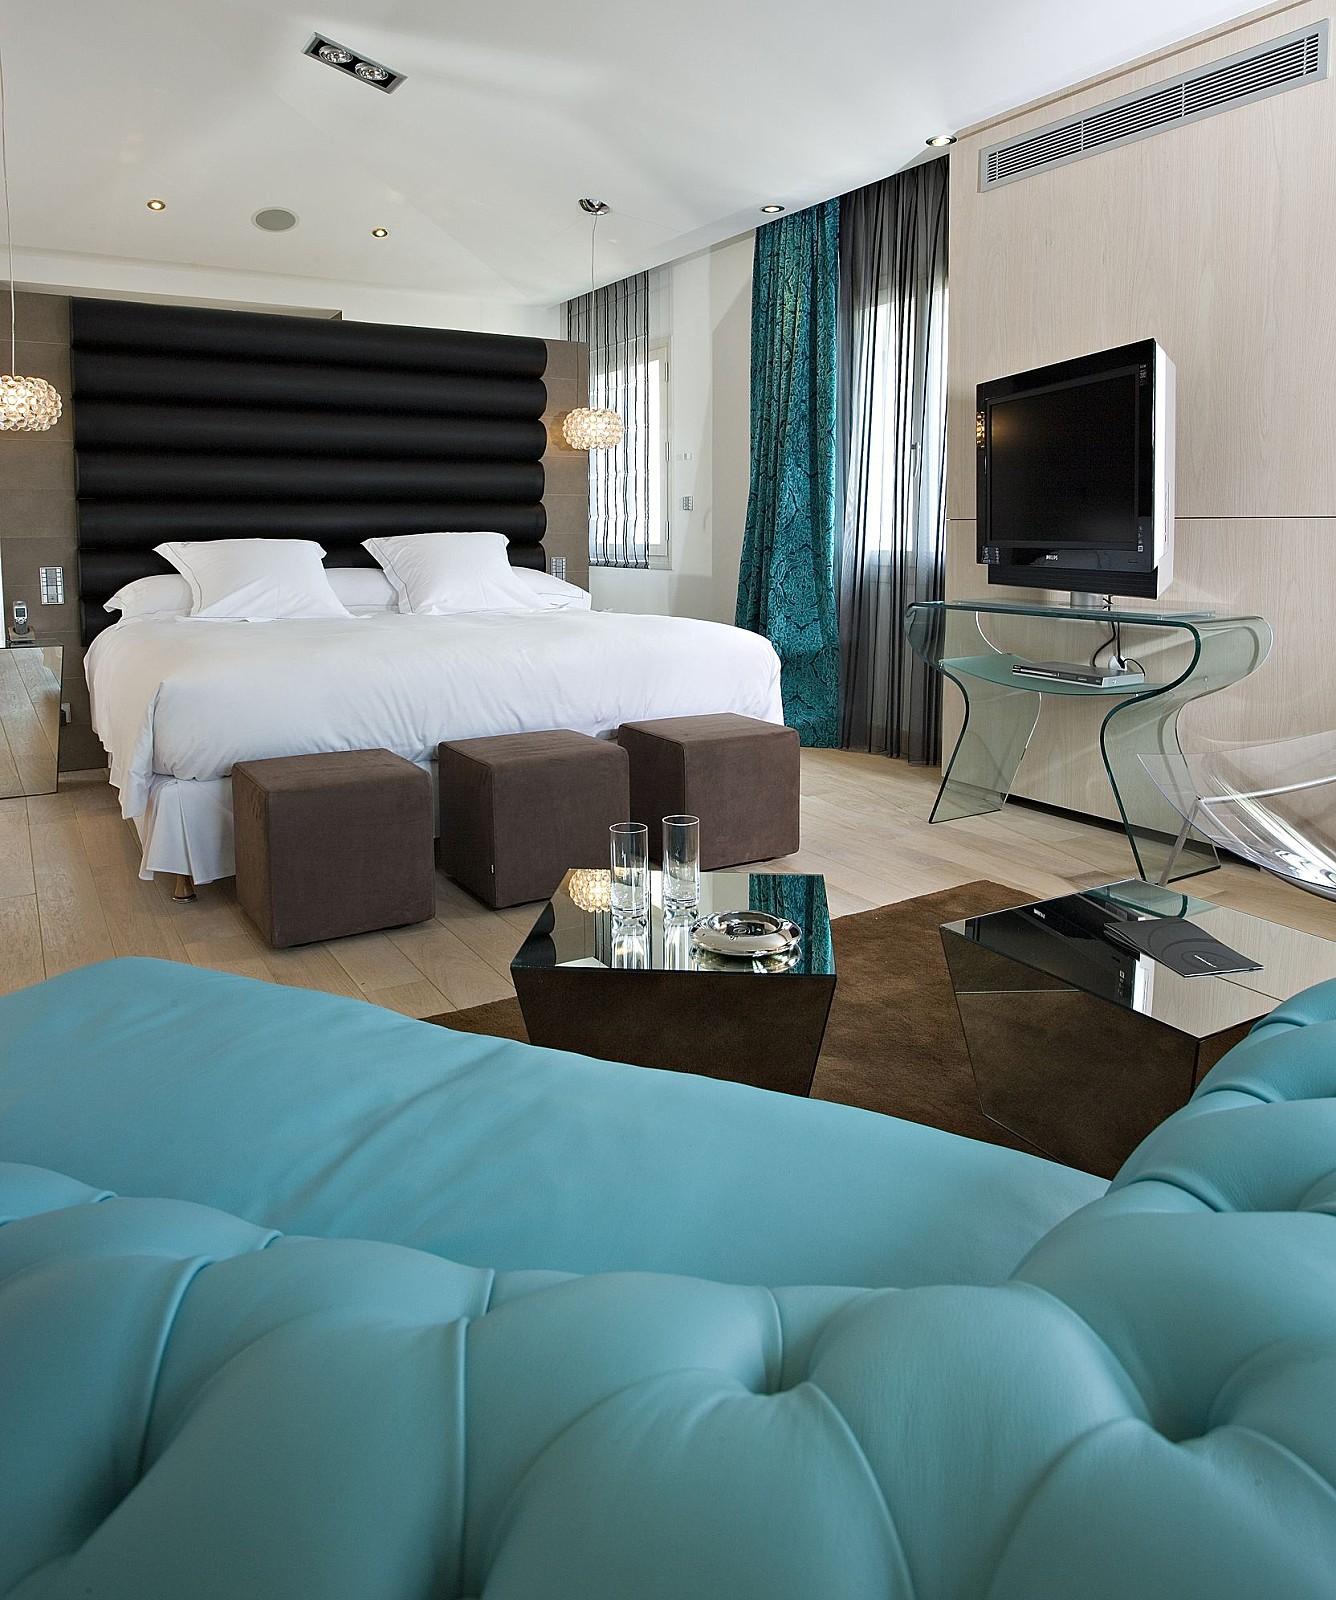 domaine-de-verchant-montpellier-hotel-6